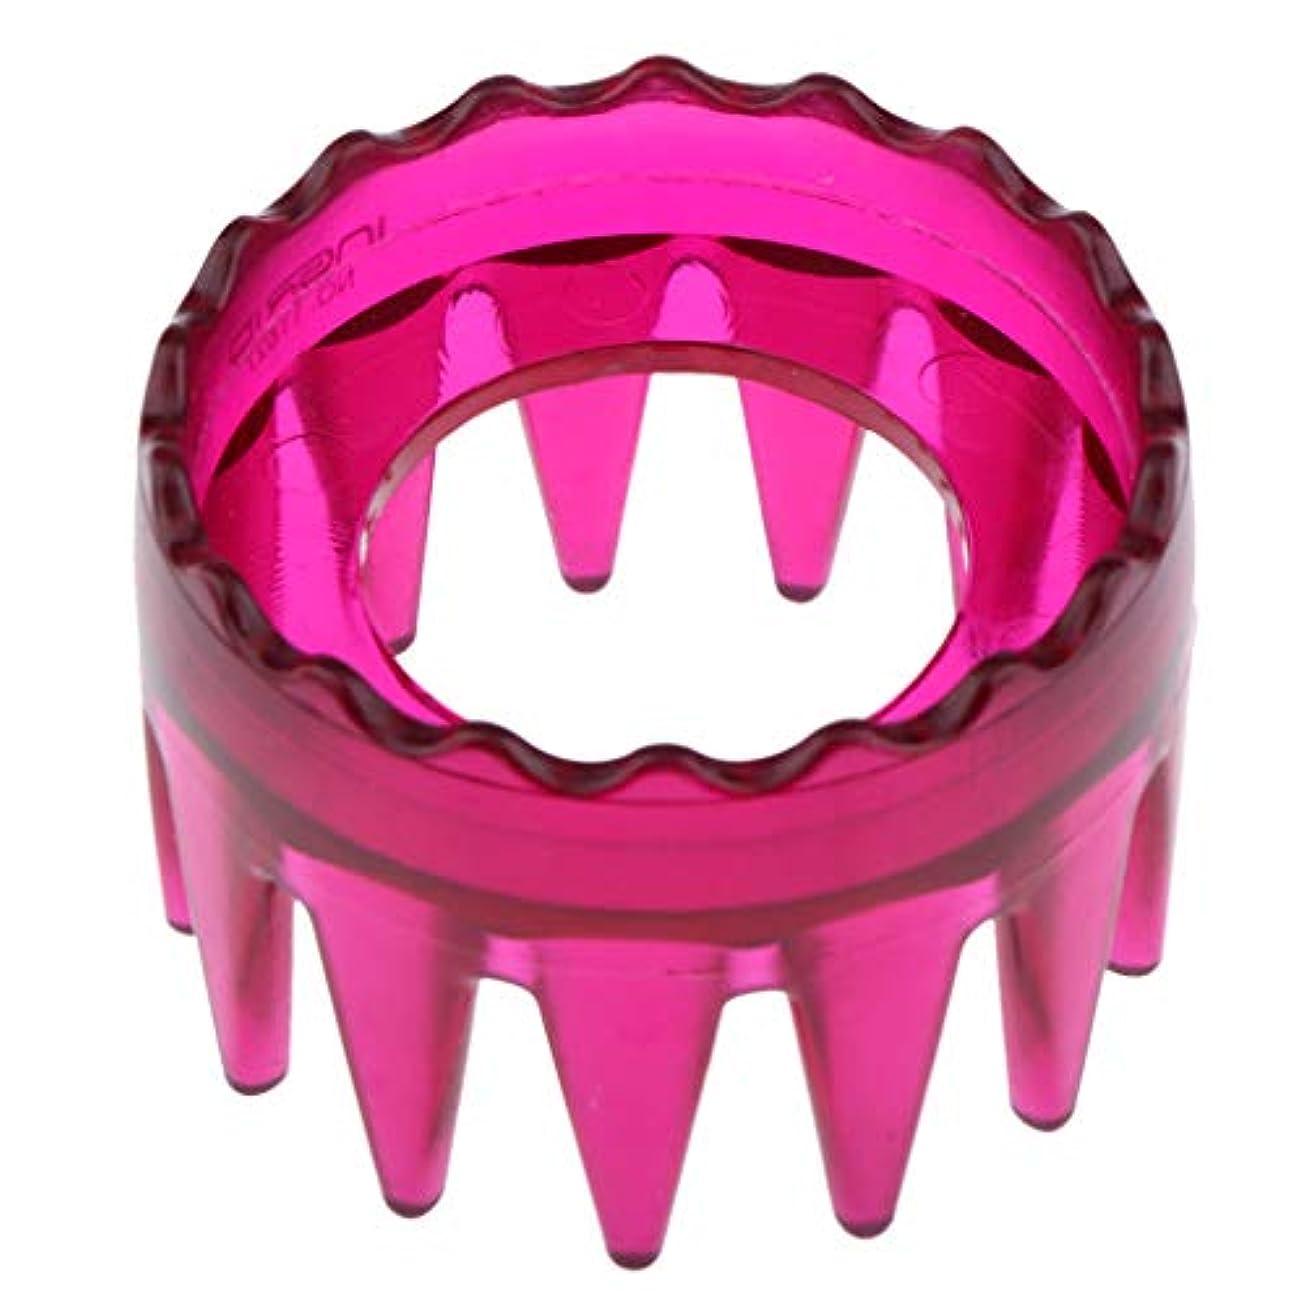 叫び声ブランド一見全4色 シャンプーブラシ 洗髪櫛 マッサージャー ヘアコーム ヘアブラシ 直径約6cm プラスチック製 - ローズレッド